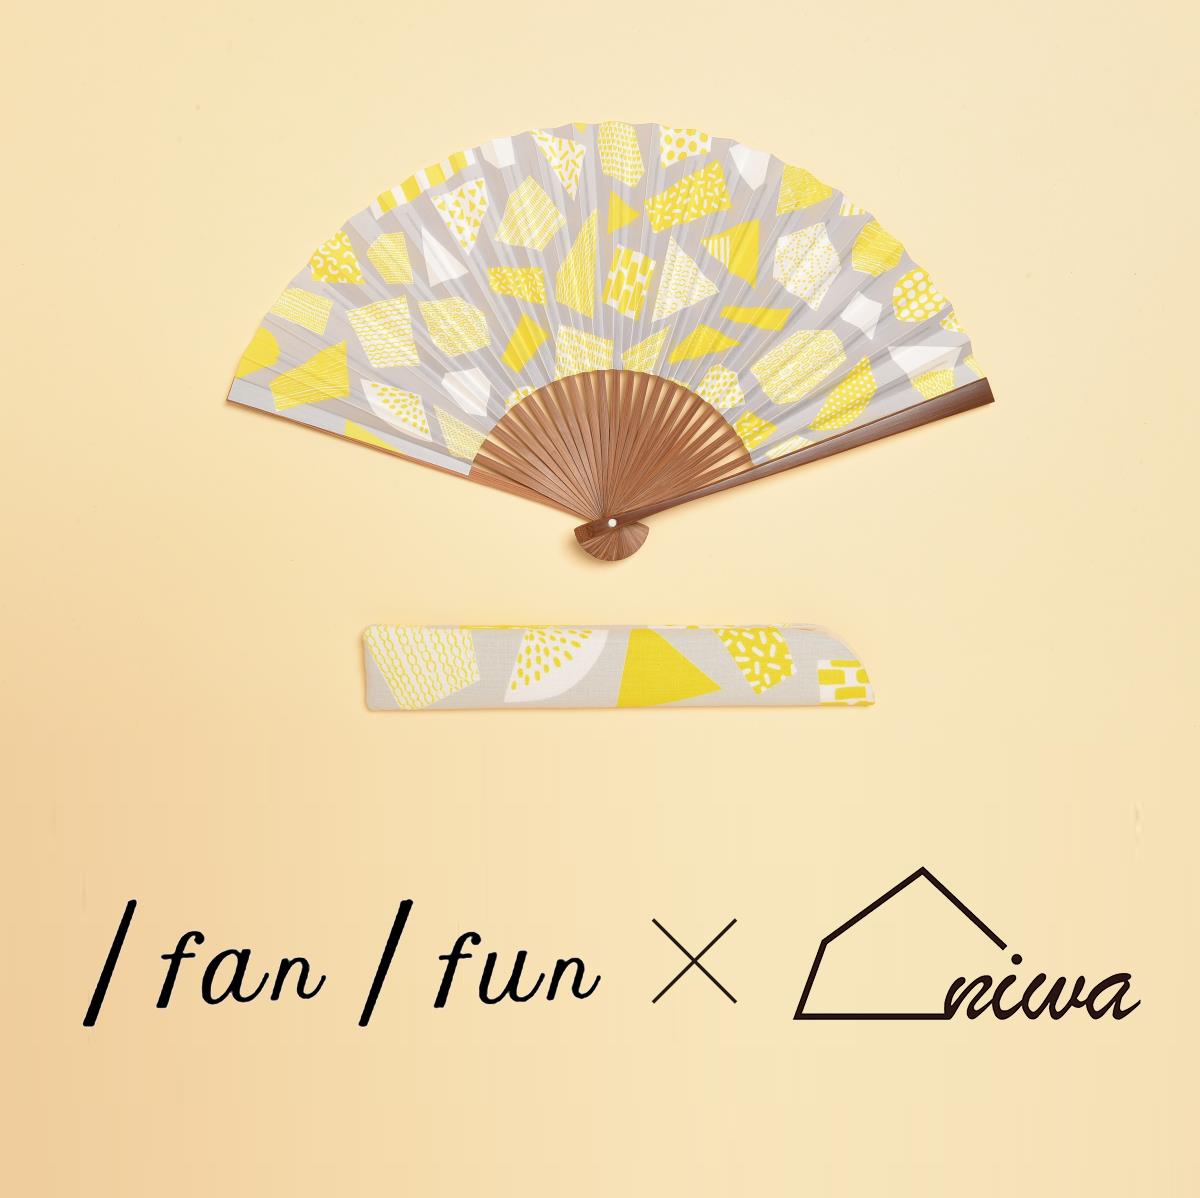 即納 niwa×みのや扇舗のコラボ 一級の素材と技術を注ぎ込んだ可愛らしい扇子 ふるさと納税 無料サンプルOK fun扇子 fan 小サイズ:檸檬